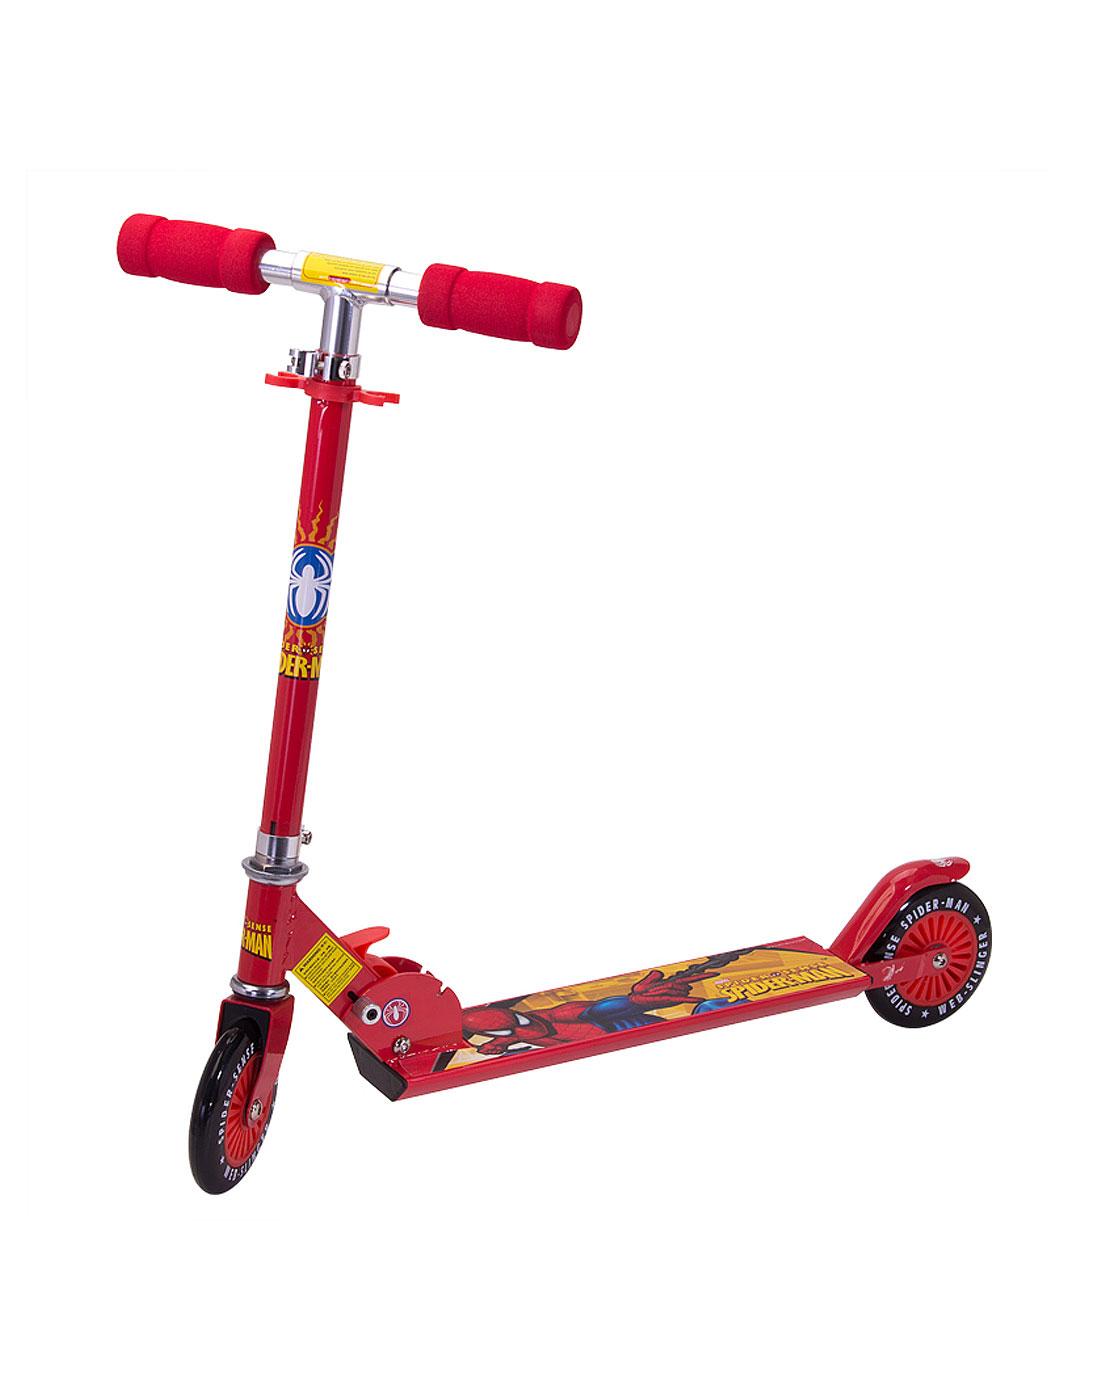 儿童运动专场迪士尼 两轮滑板车dca11131-s